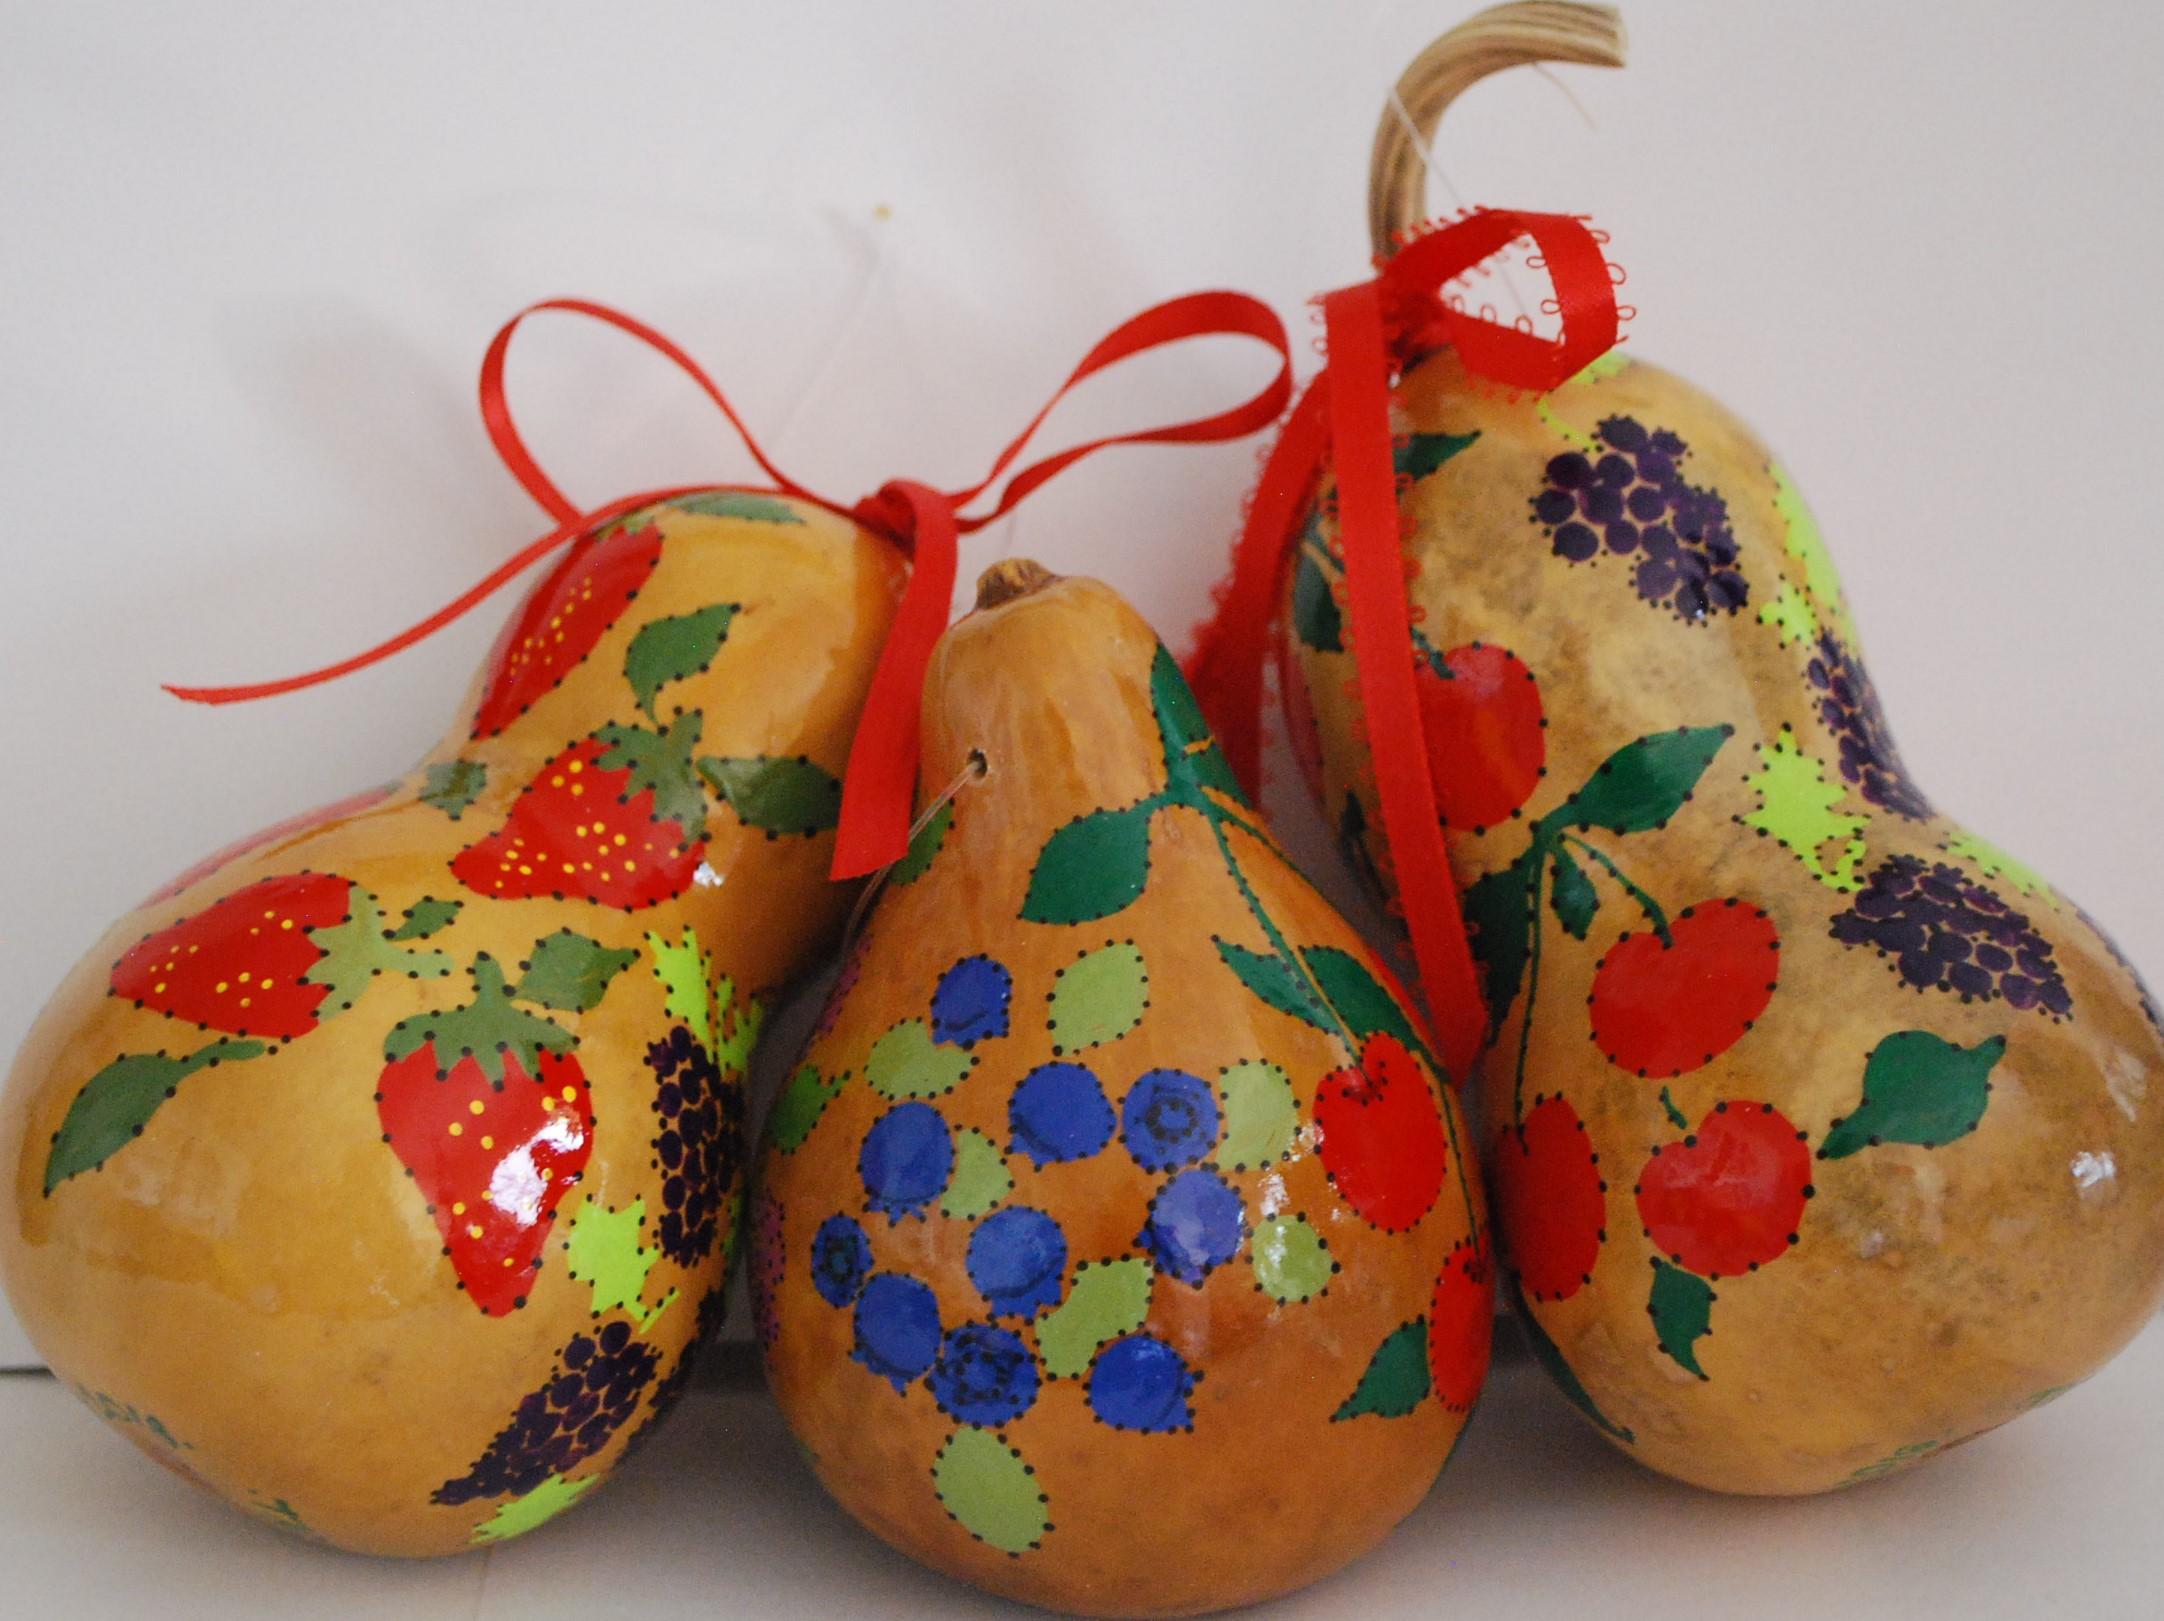 LIERMANN geraldine - berry gourds (2).JPG